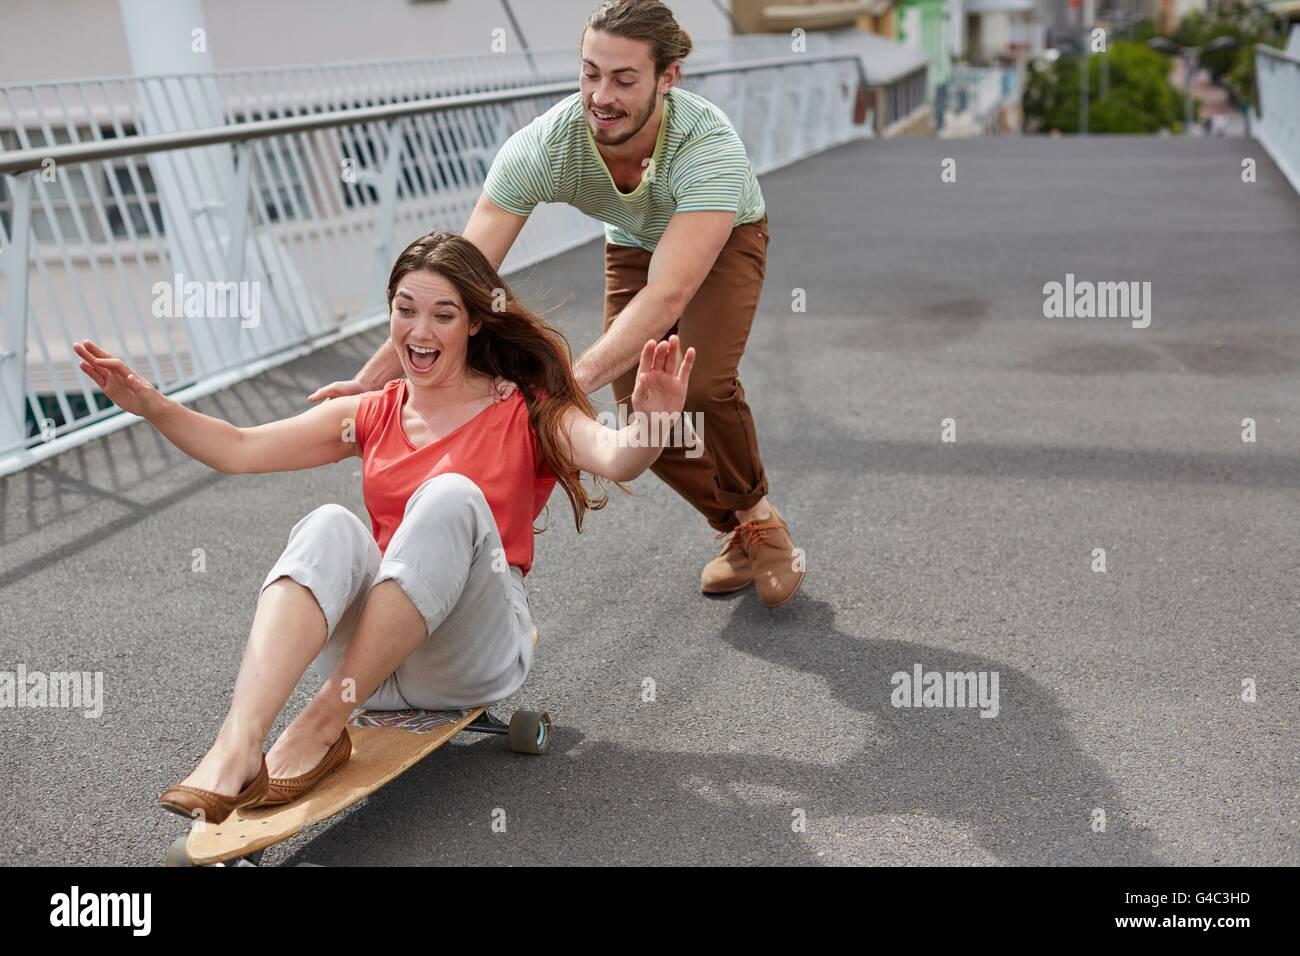 Modello rilasciato. Giovane donna seduta su skateboard con uomo spingendo. Immagini Stock